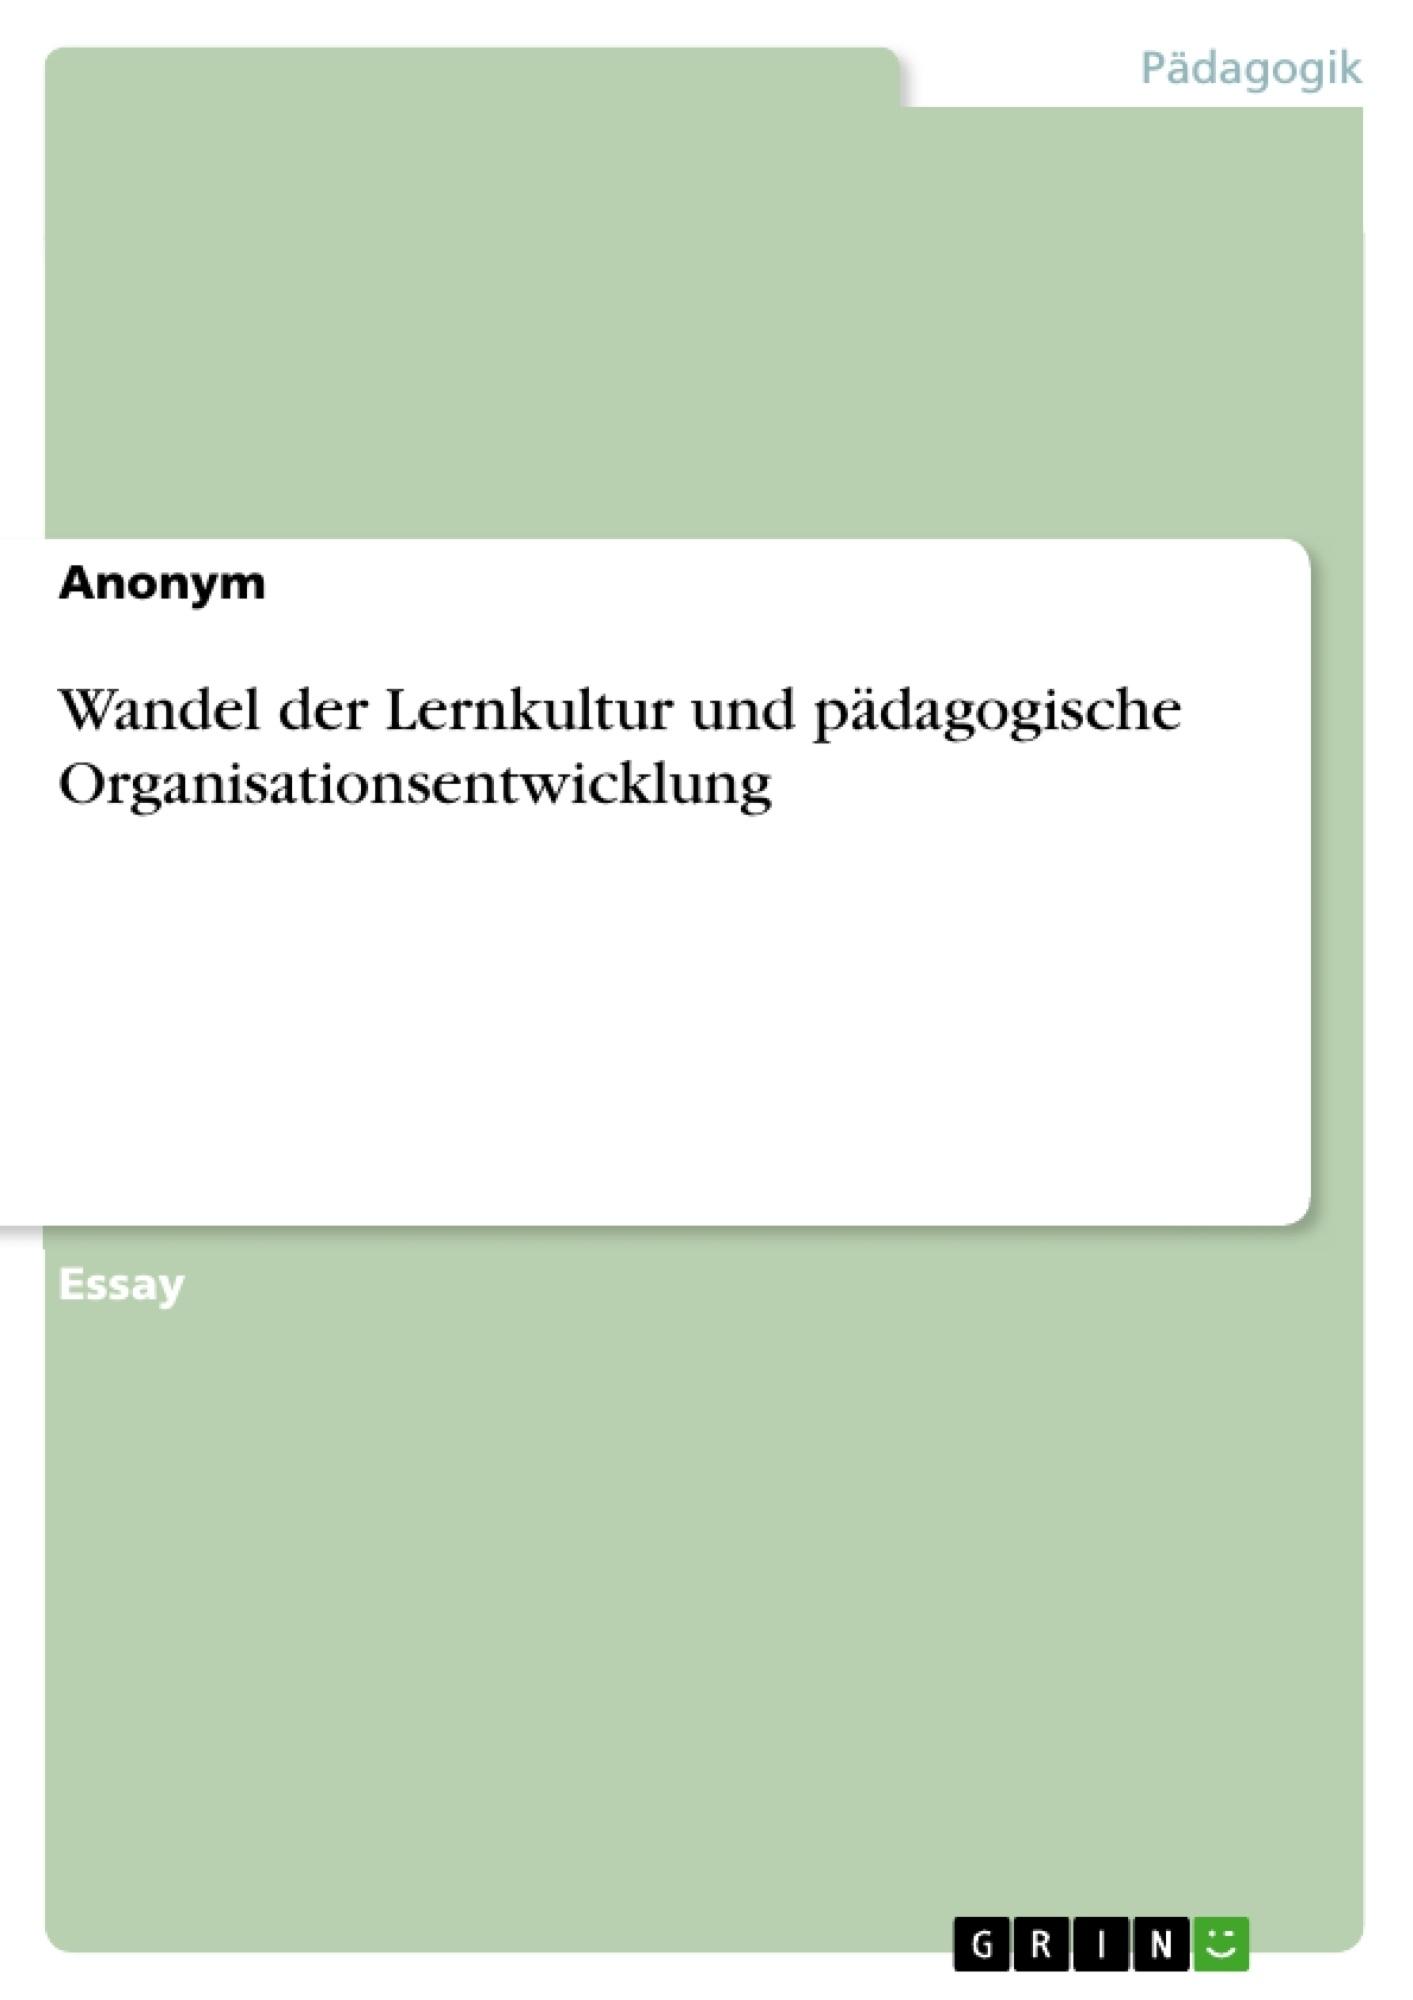 Titel: Wandel der Lernkultur und pädagogische Organisationsentwicklung